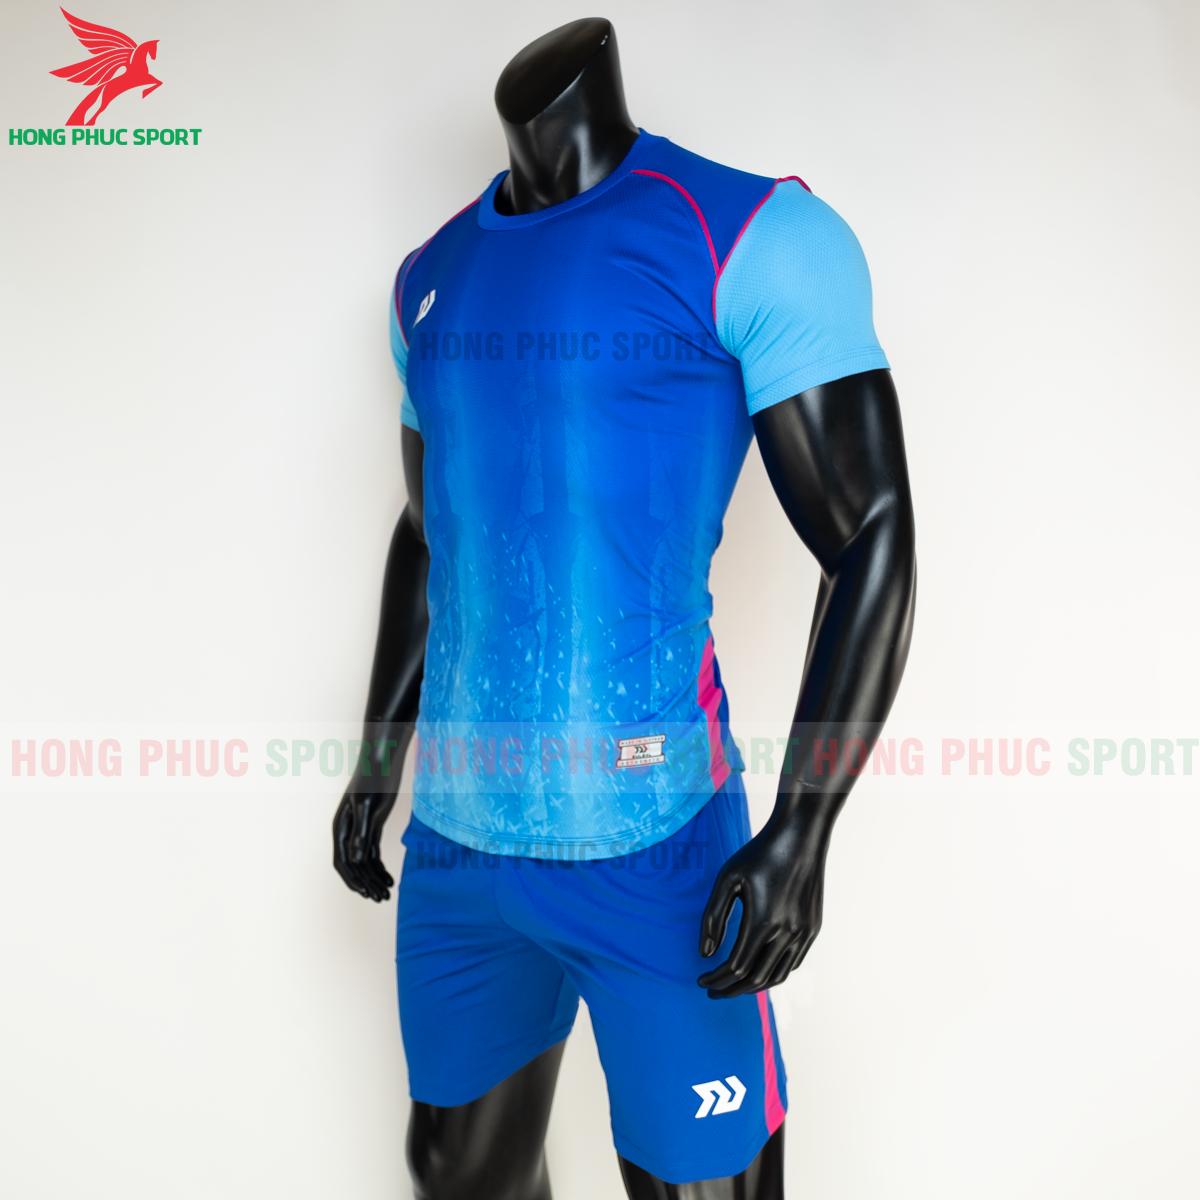 Áo đá banh không logo Bulbal Hades 2021 màu Xanh dương(trái)